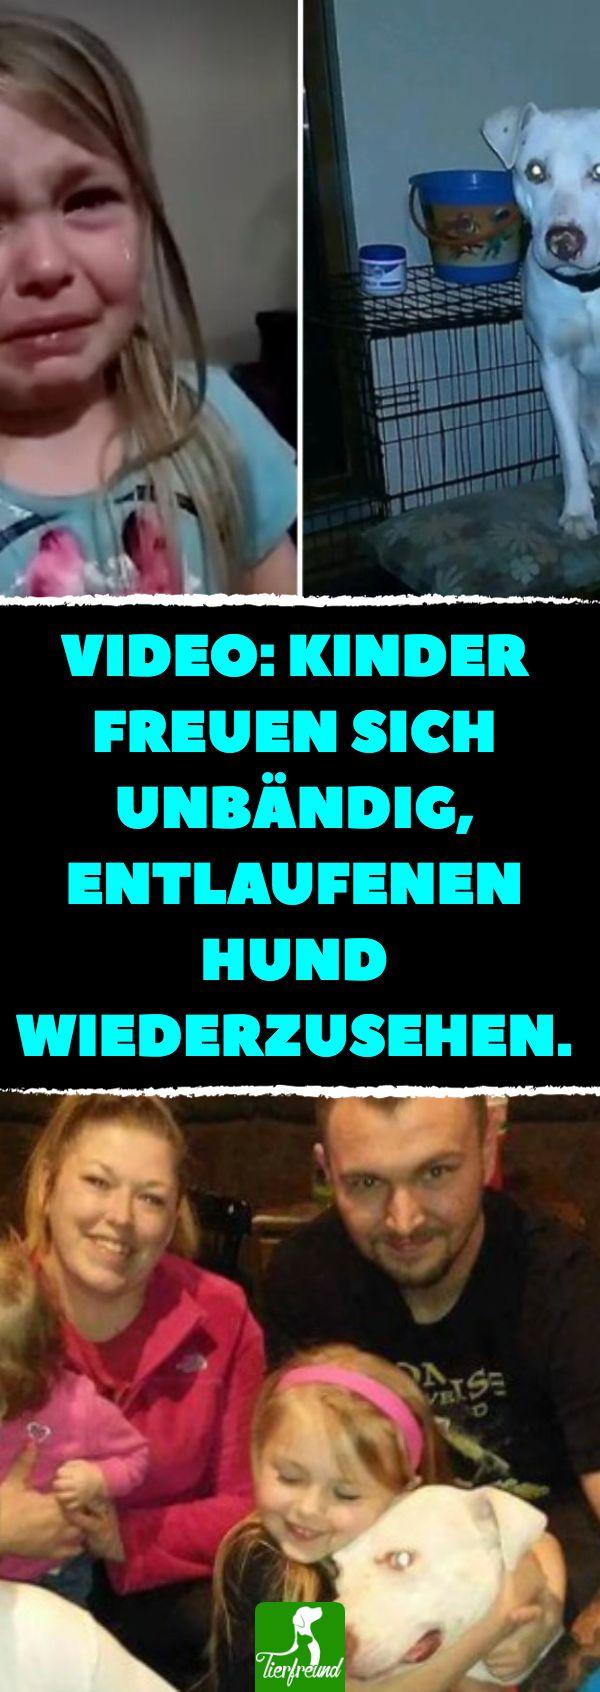 Video Suchen